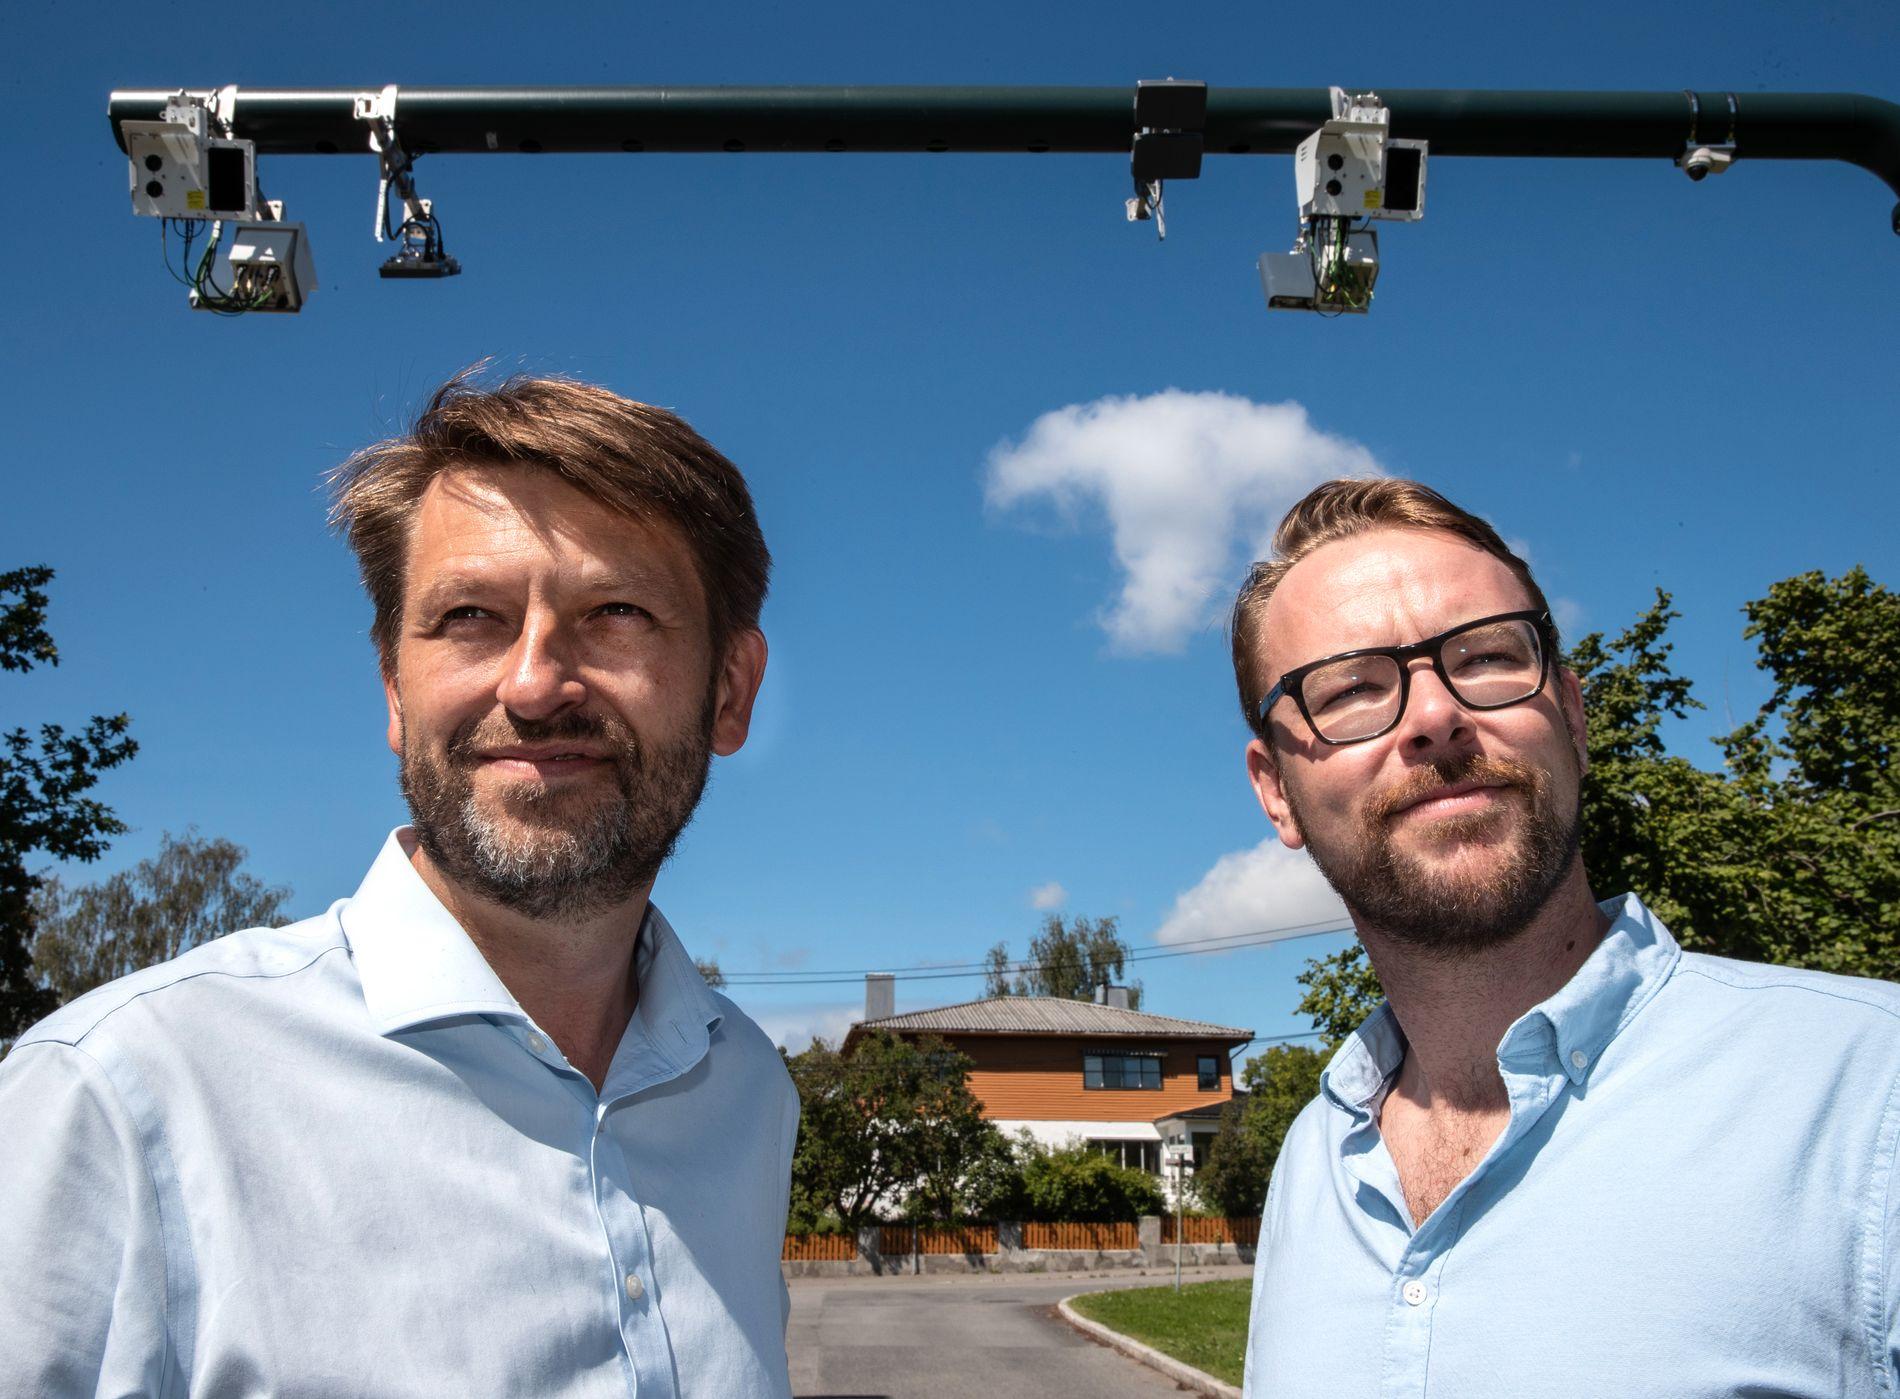 HØYRES SOMMERUNIFORM: De stilte begge i lyseblå skjorte i sommersolen da de møtte VG ved en bomstasjon i Oslo: Eirik Lae Solberg (t.v.) og Harald Victor Hove, Høyres byrådslederkandidater i Oslo og Bergen.